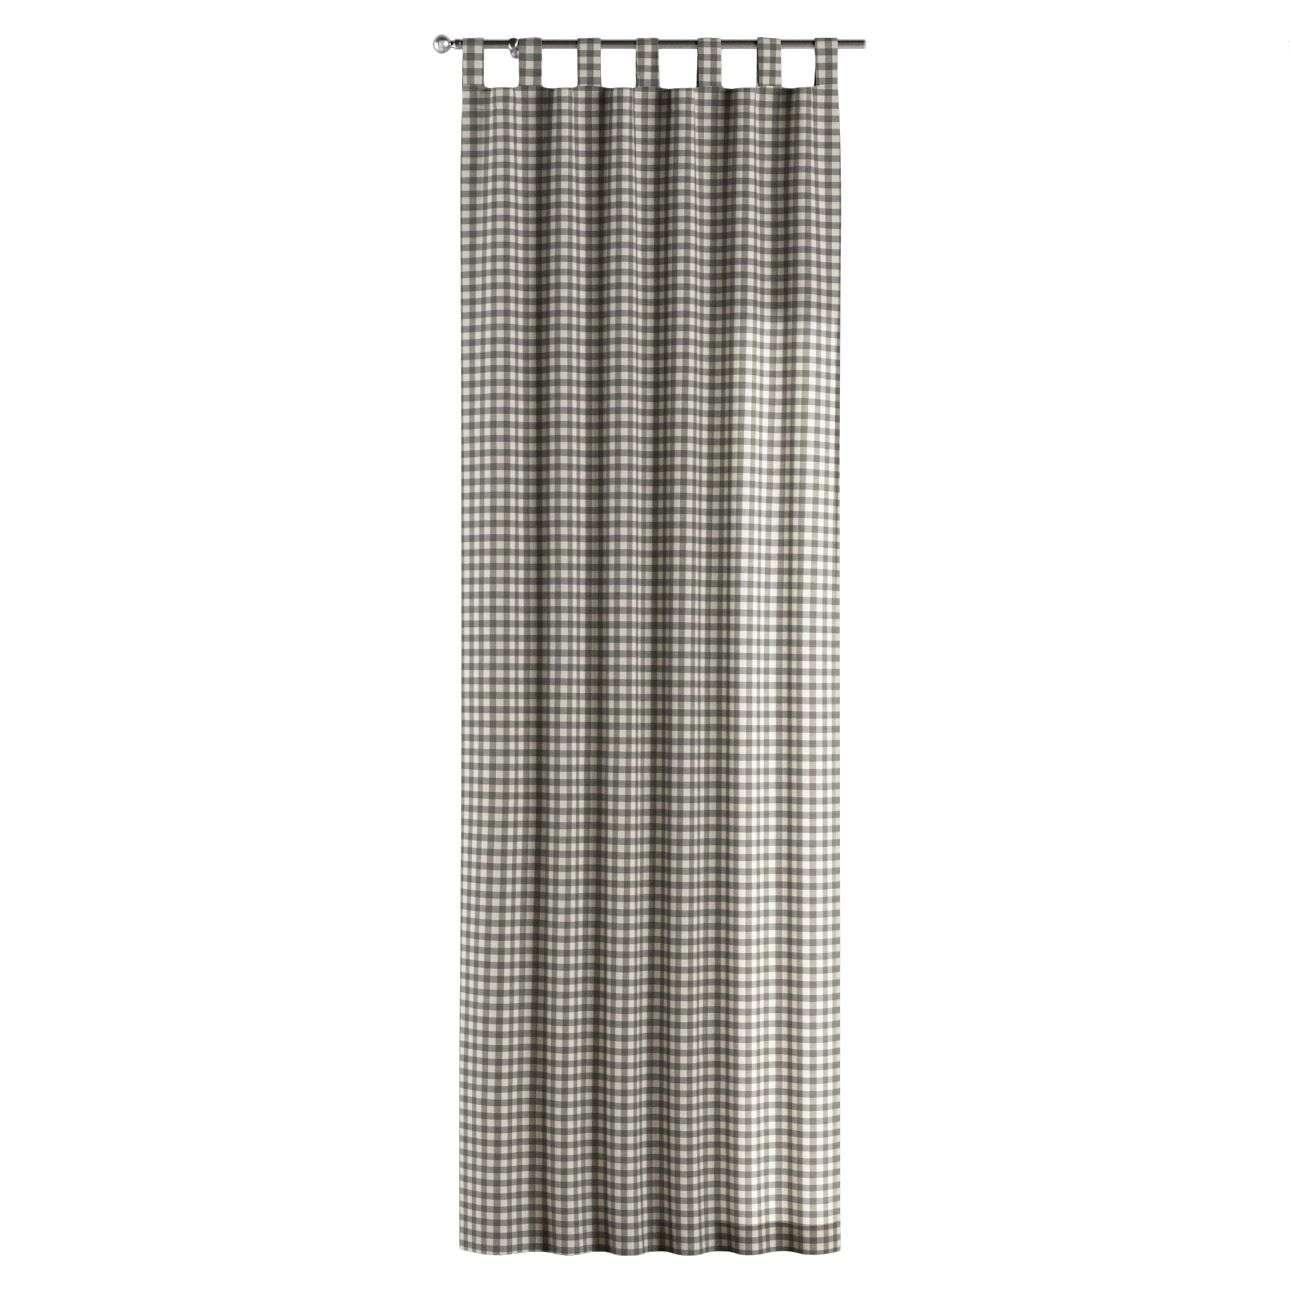 Zasłona na szelkach 1 szt. 1szt 130x260 cm w kolekcji Quadro, tkanina: 136-11